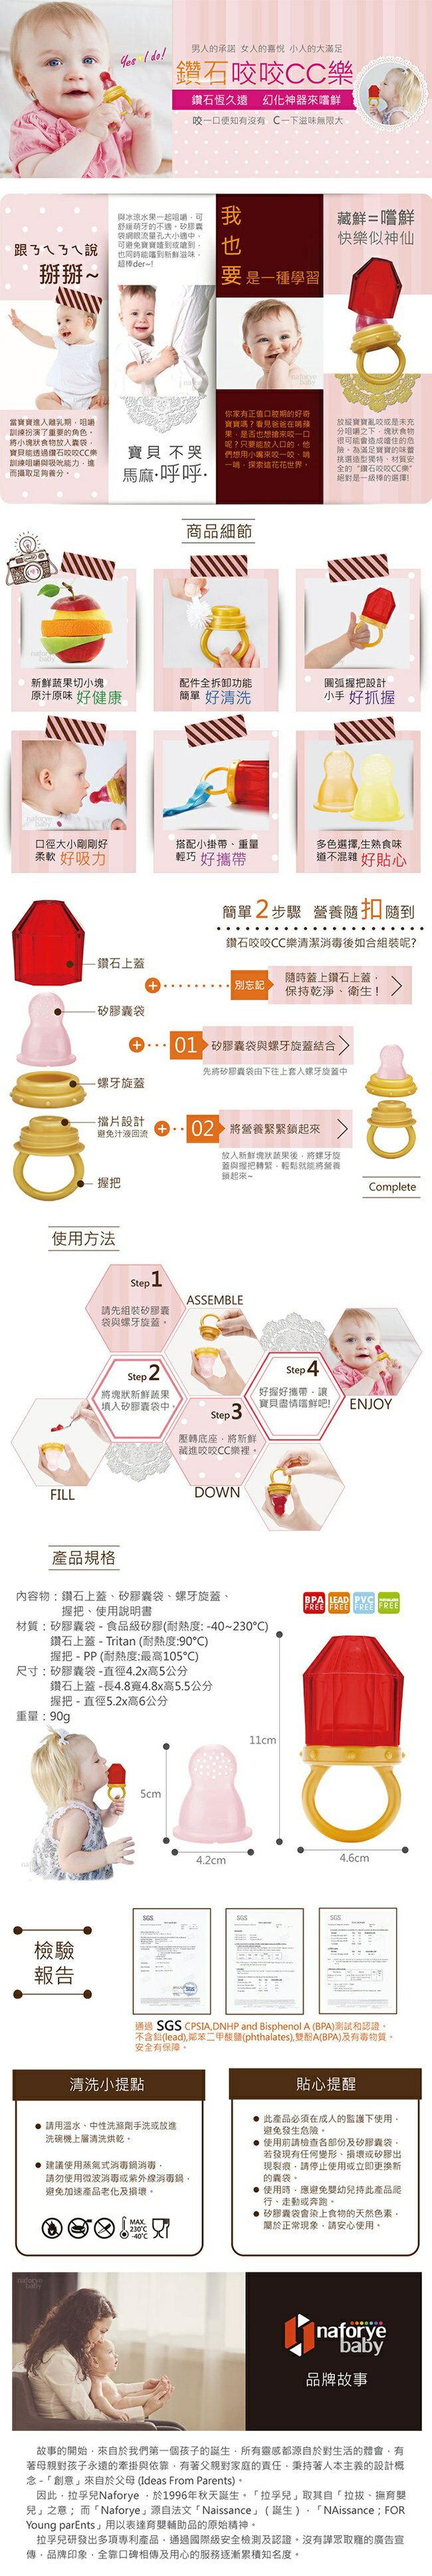 『121婦嬰用品館』拉孚兒 鑽石咬咬CC樂 - 藍寶石 1